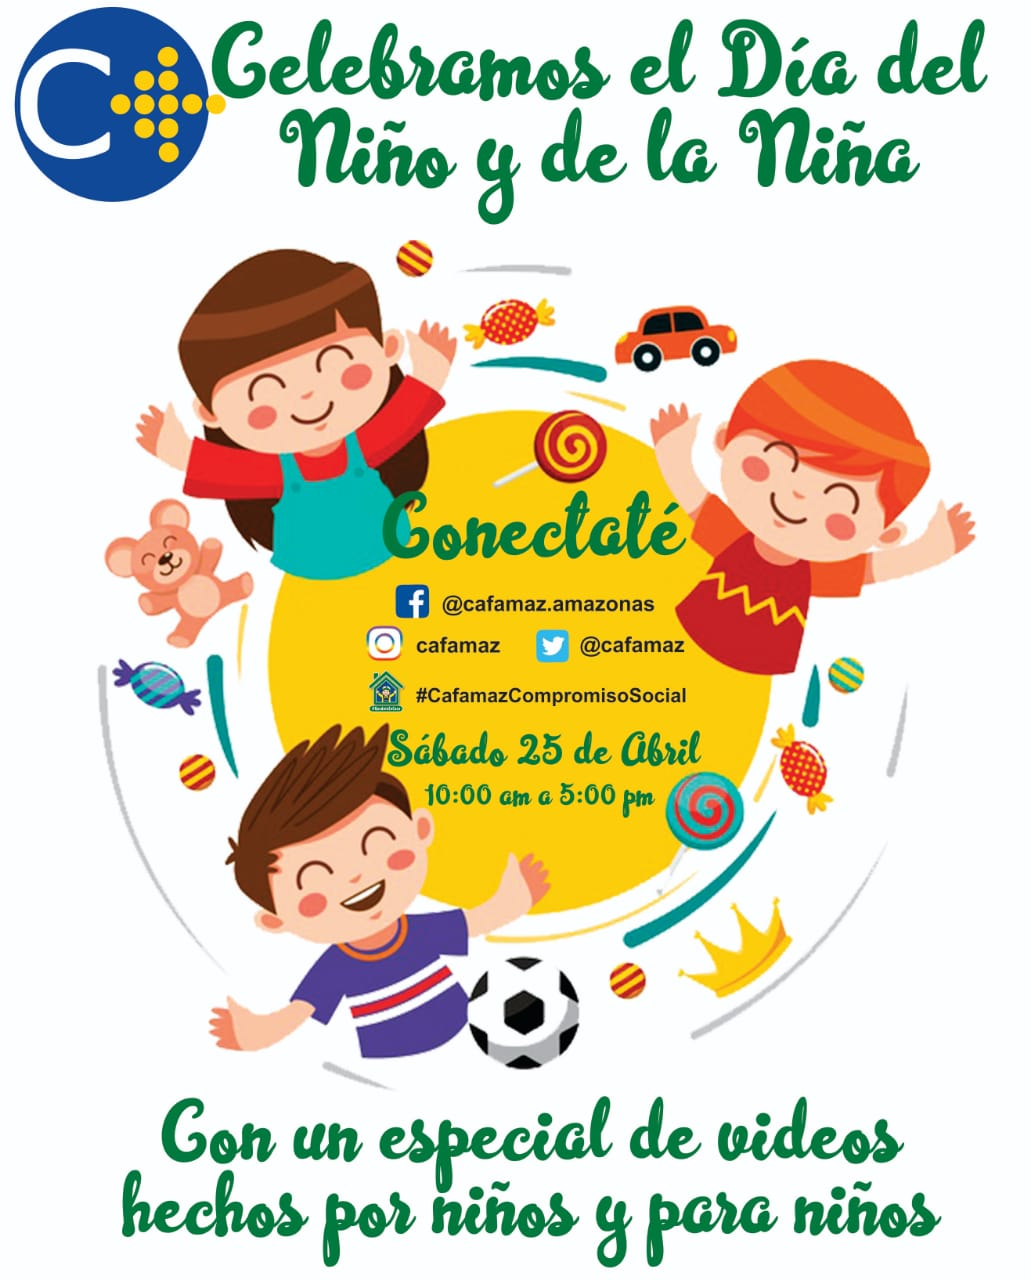 ¡Prográmate! Celebra el Día del Niño y de la Niña en nuestras Redes Sociales   Cafamaz, 2020